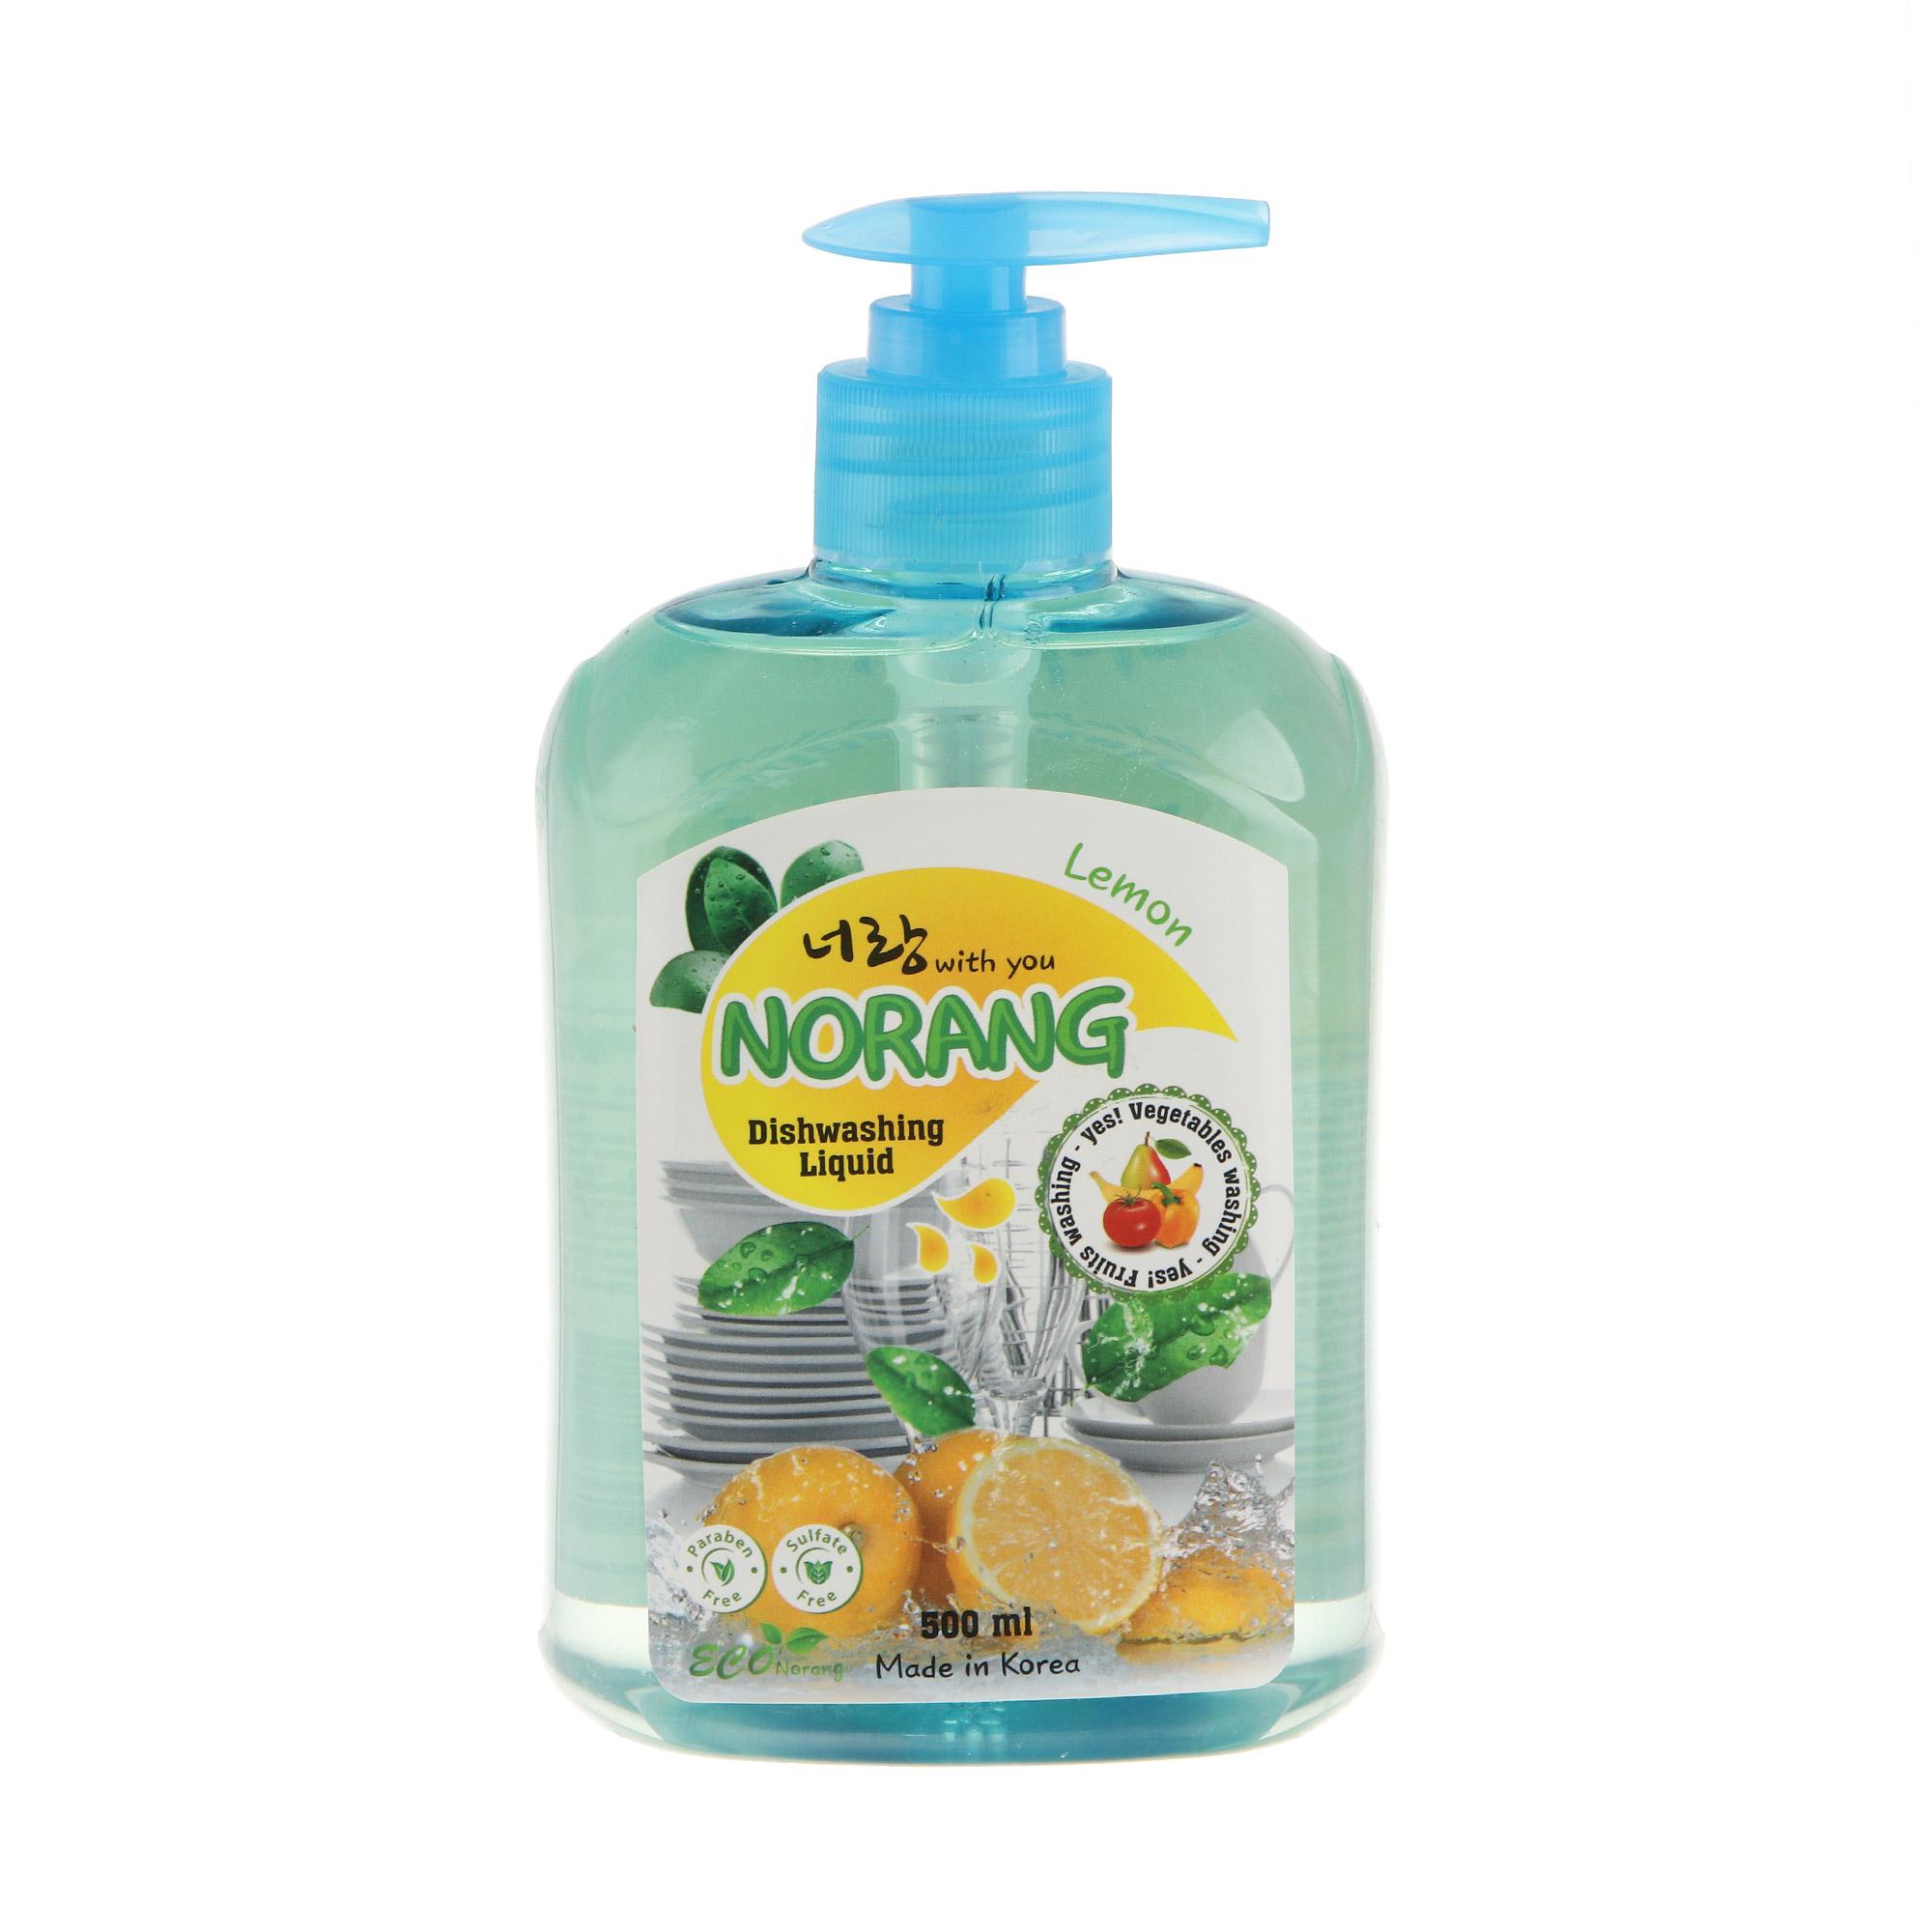 Жидкость для мытья посуды Norang лимон 500 мл фото